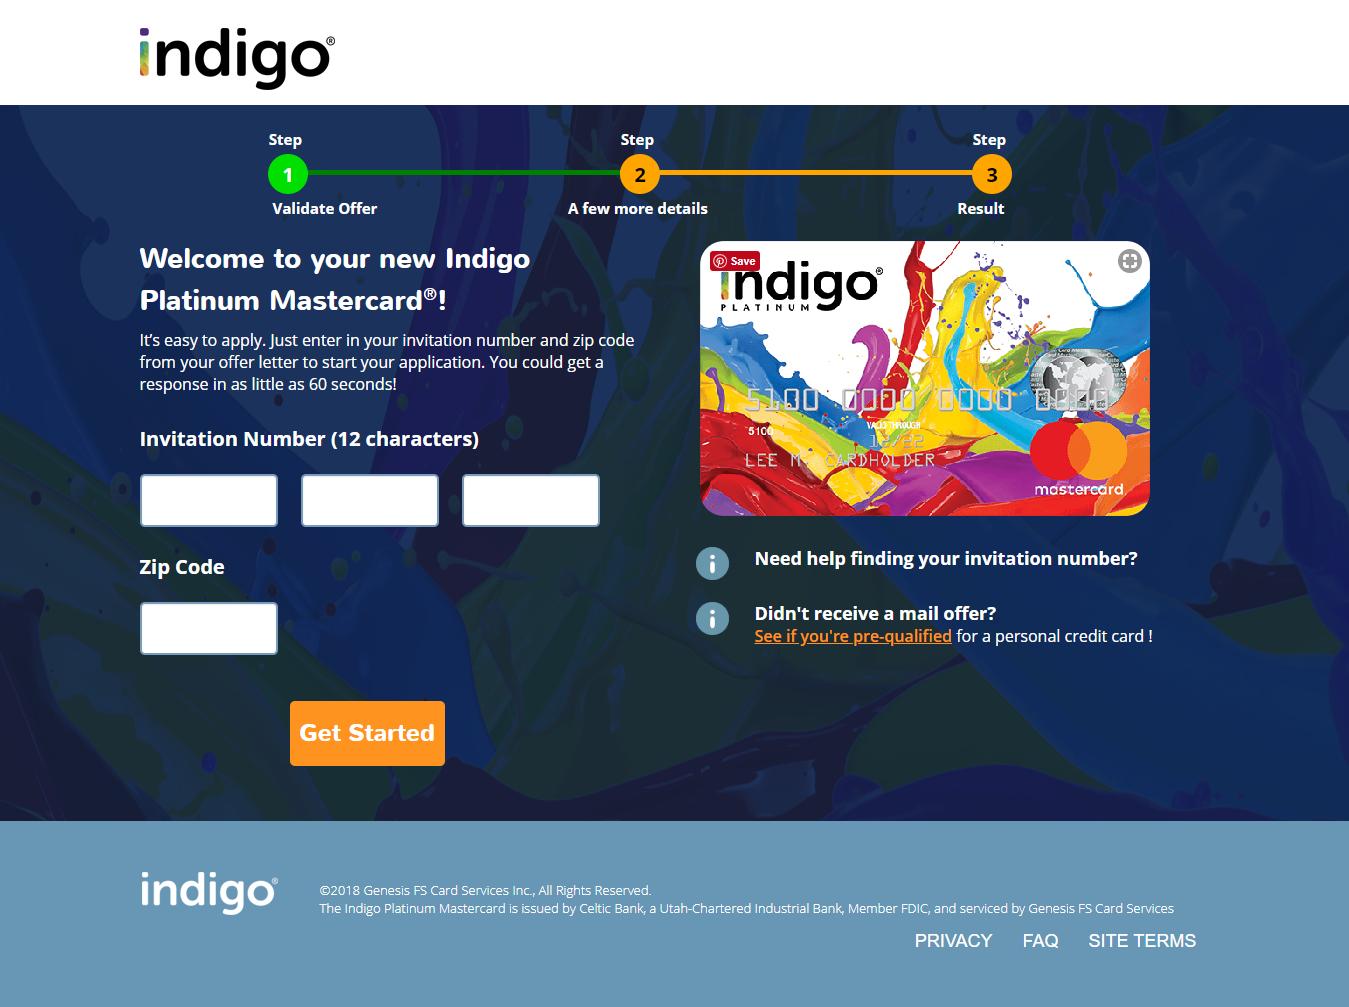 www.indigoapply.com - Apply for Pre-Approved Indigo Platinum